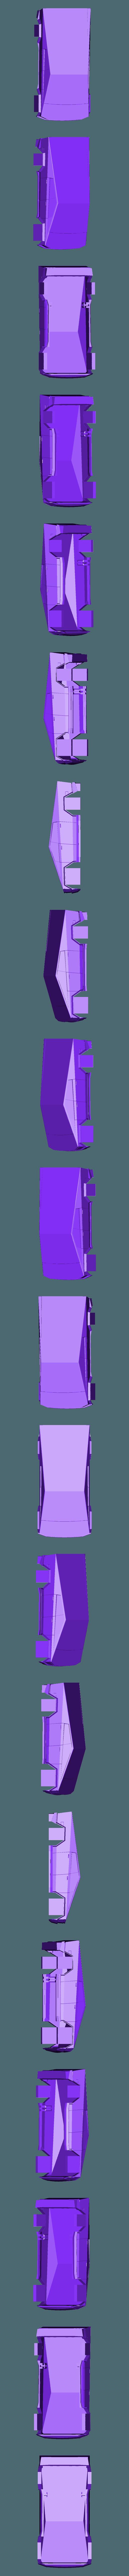 Cybertruck_Mini_Body.stl Télécharger fichier STL gratuit Cybertruck (kit carrosserie + châssis imprimable) • Plan pour impression 3D, Superbeasti